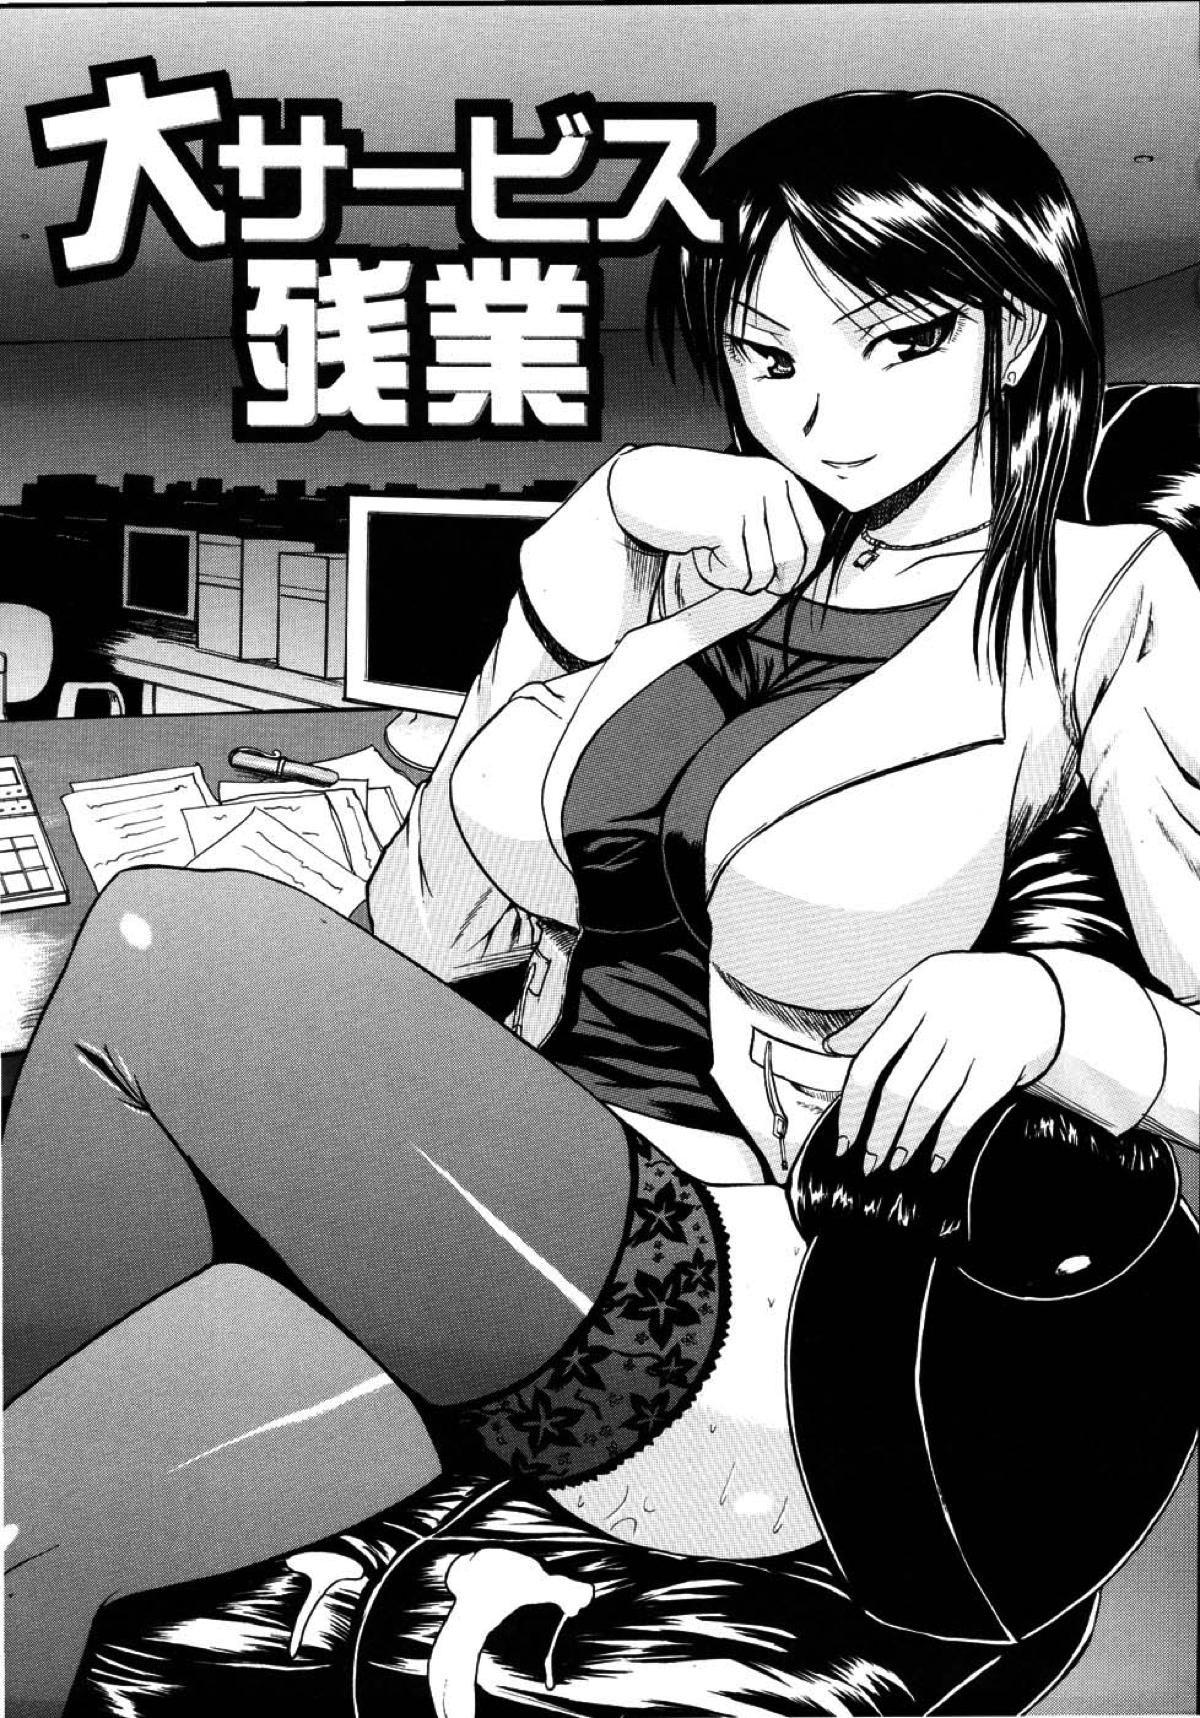 [吉村竜巻] 大サービス残業 (1)